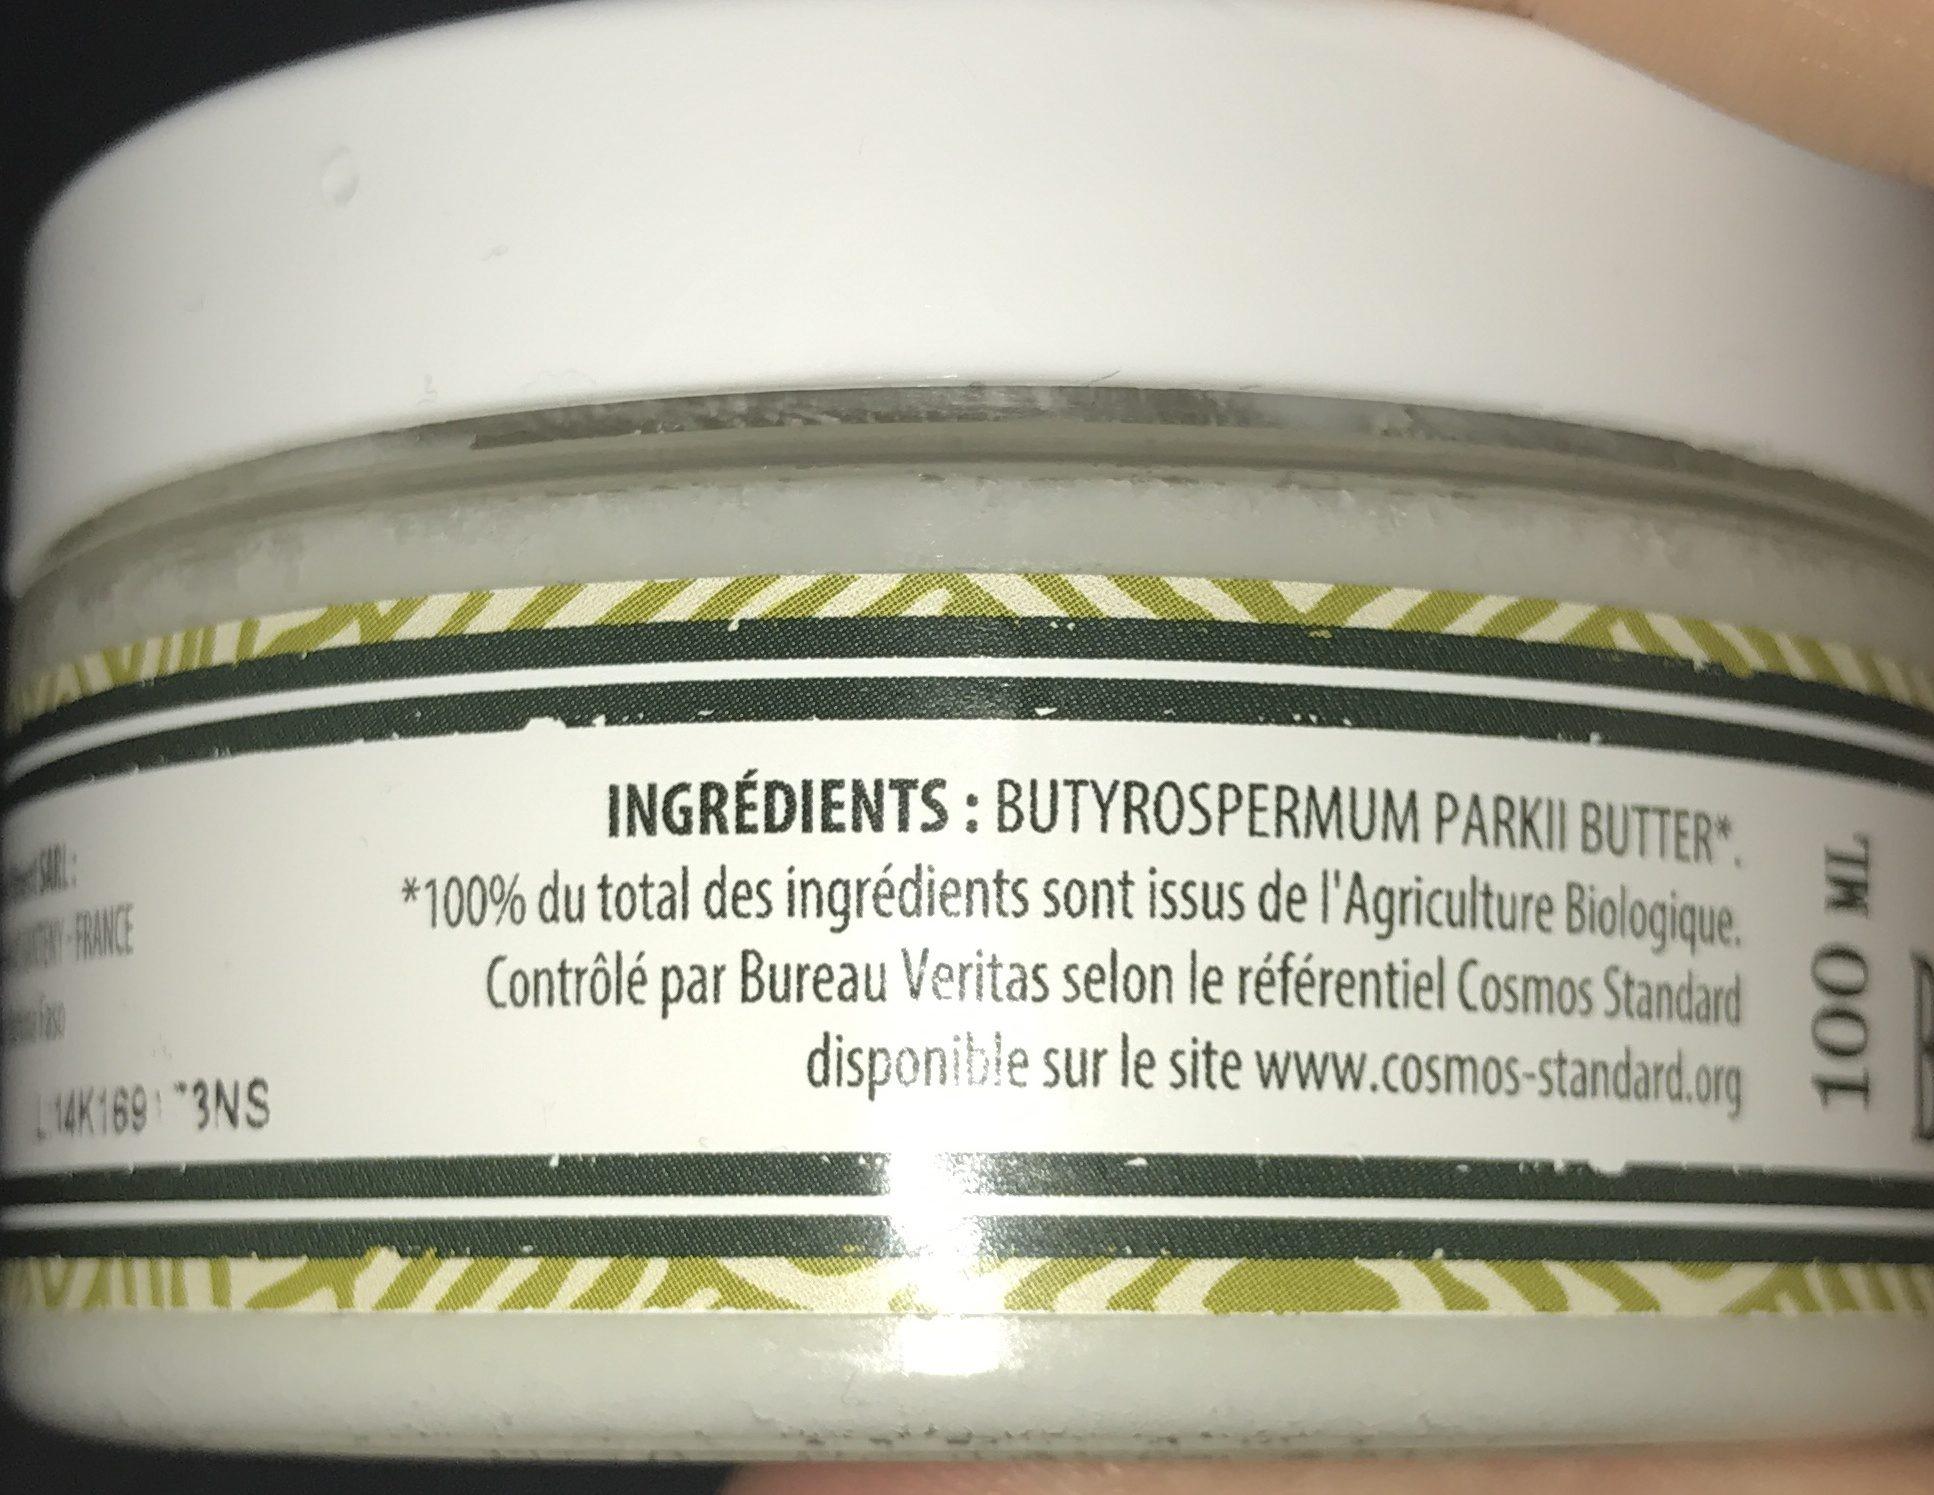 Beauté & Hygiène / Soins Du Corps / Baume Et Beurre De Karité - Ingredients - fr